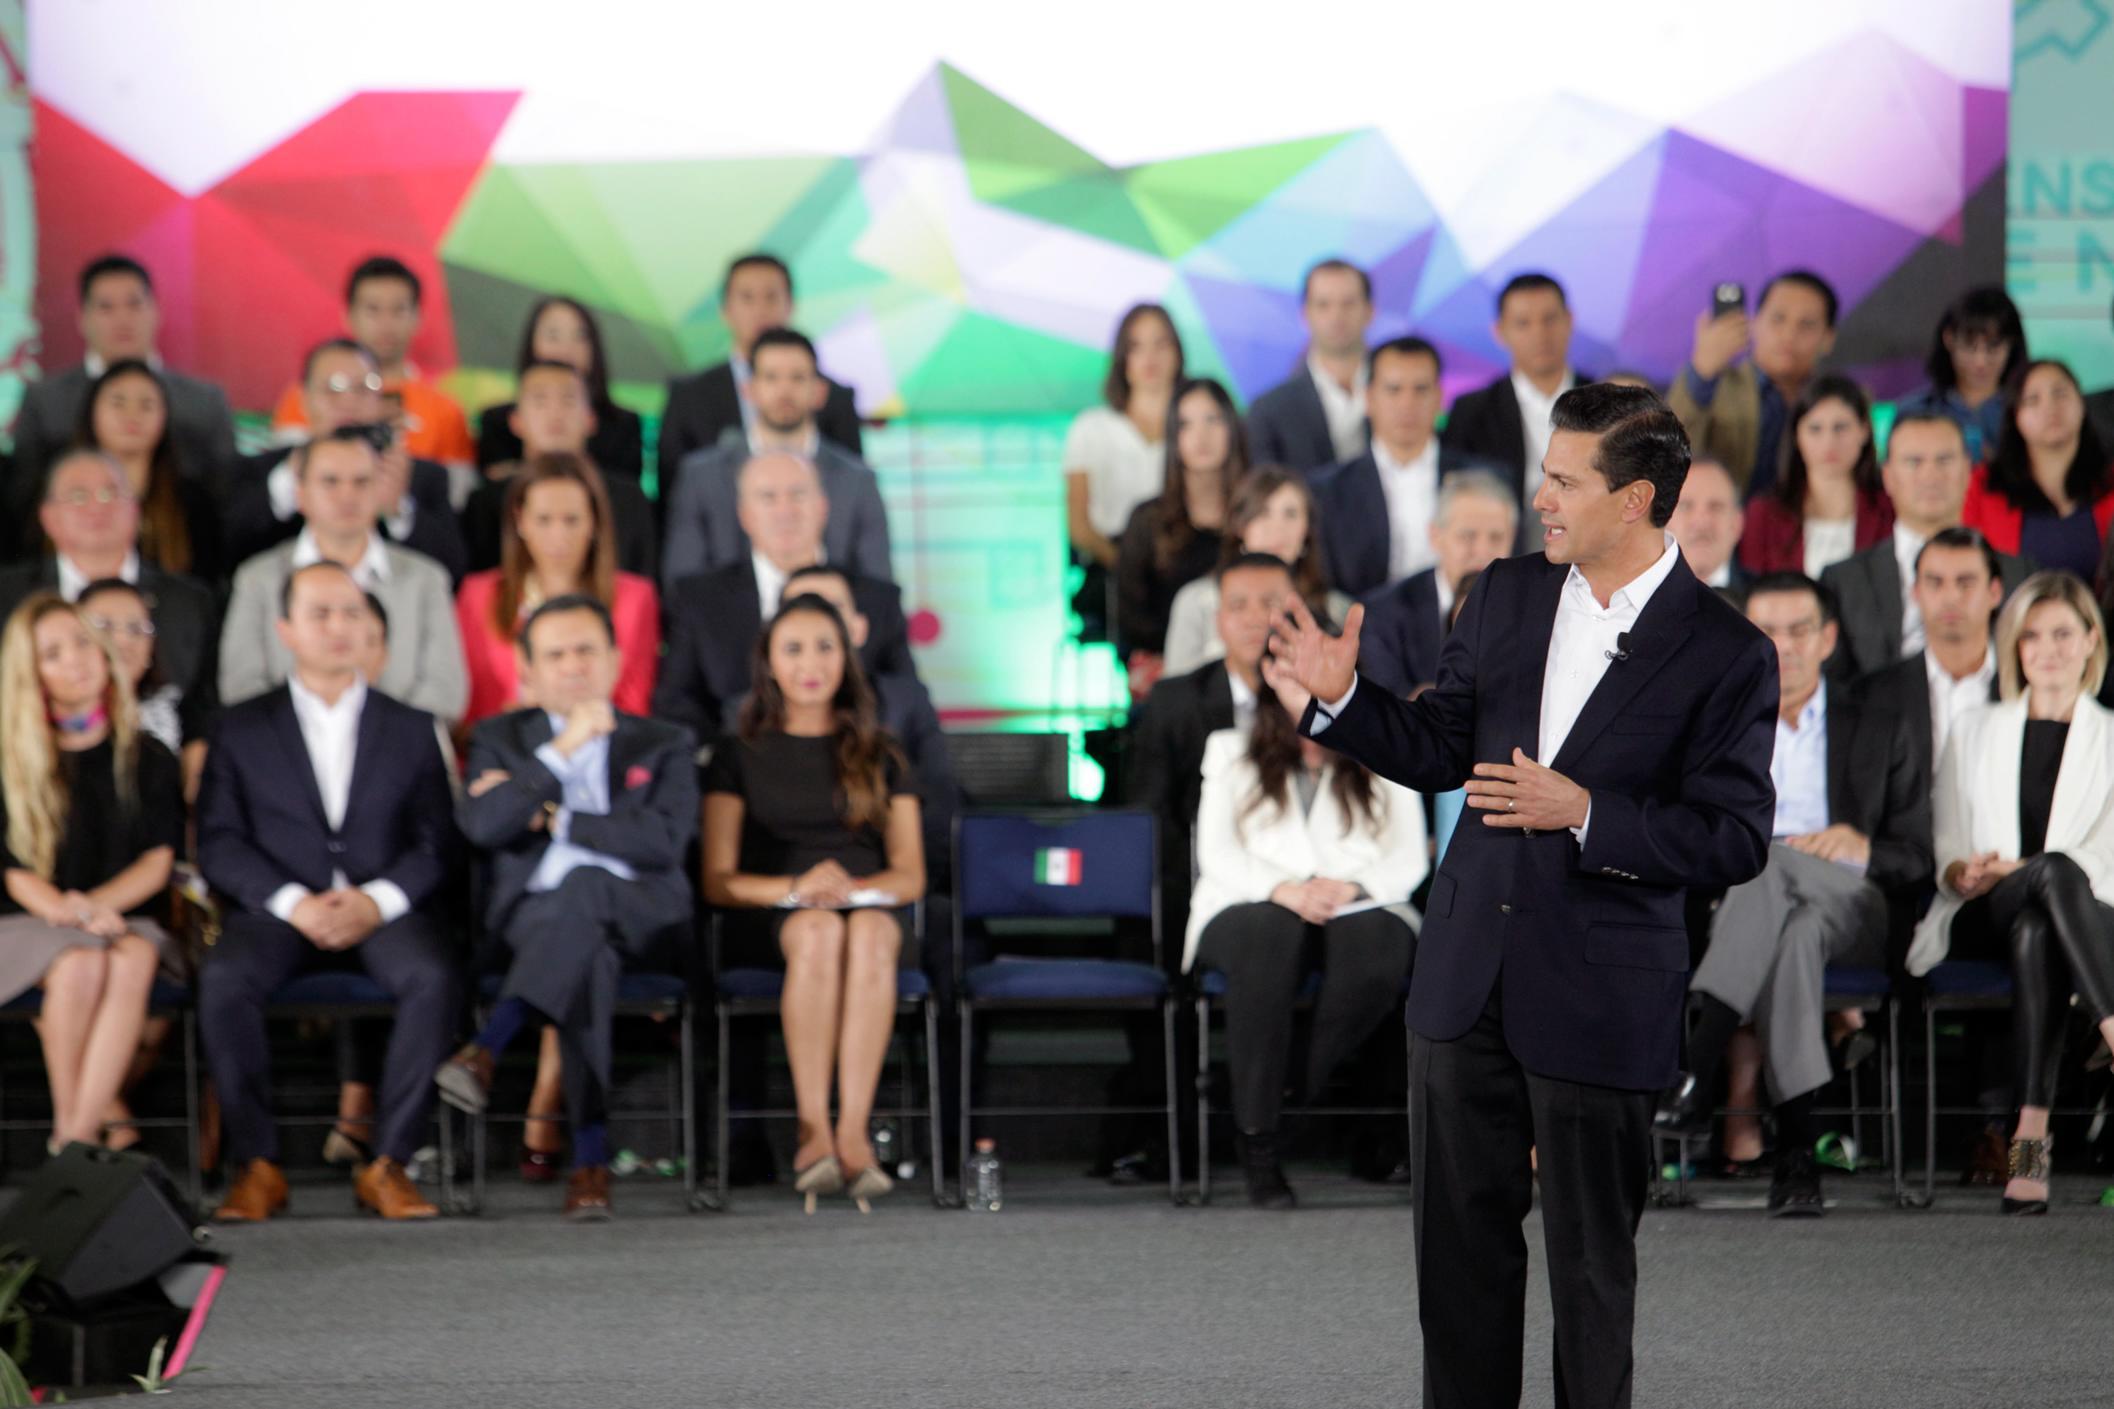 El Primer Mandatario exhortó a los jóvenes emprendedores a ser perseverantes, no rendirse, y esforzarse en alcanzar sus proyectos.